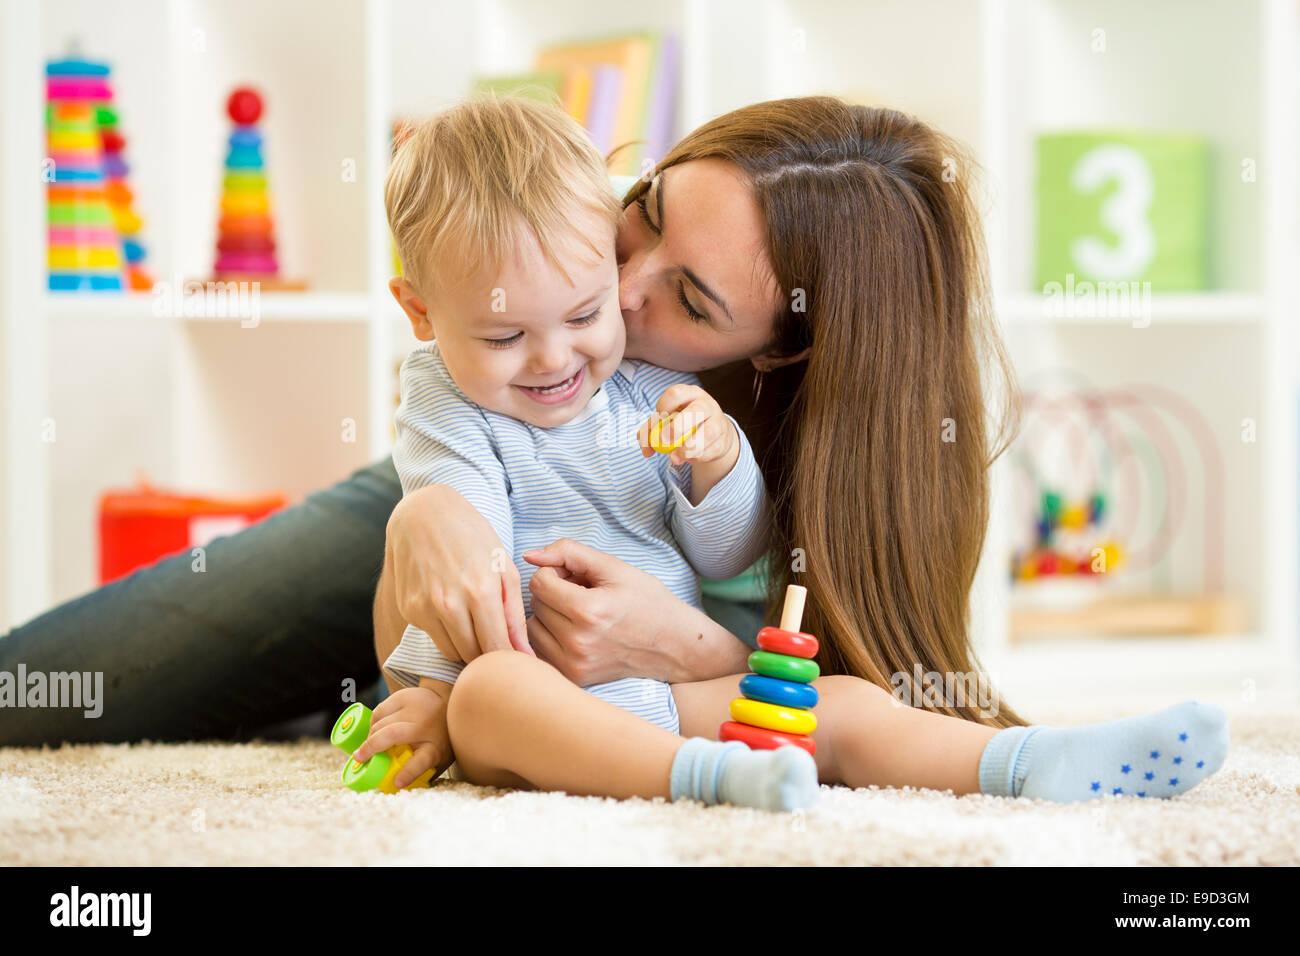 Felice la madre e il bambino figlio giocare indoor a casa Immagini Stock